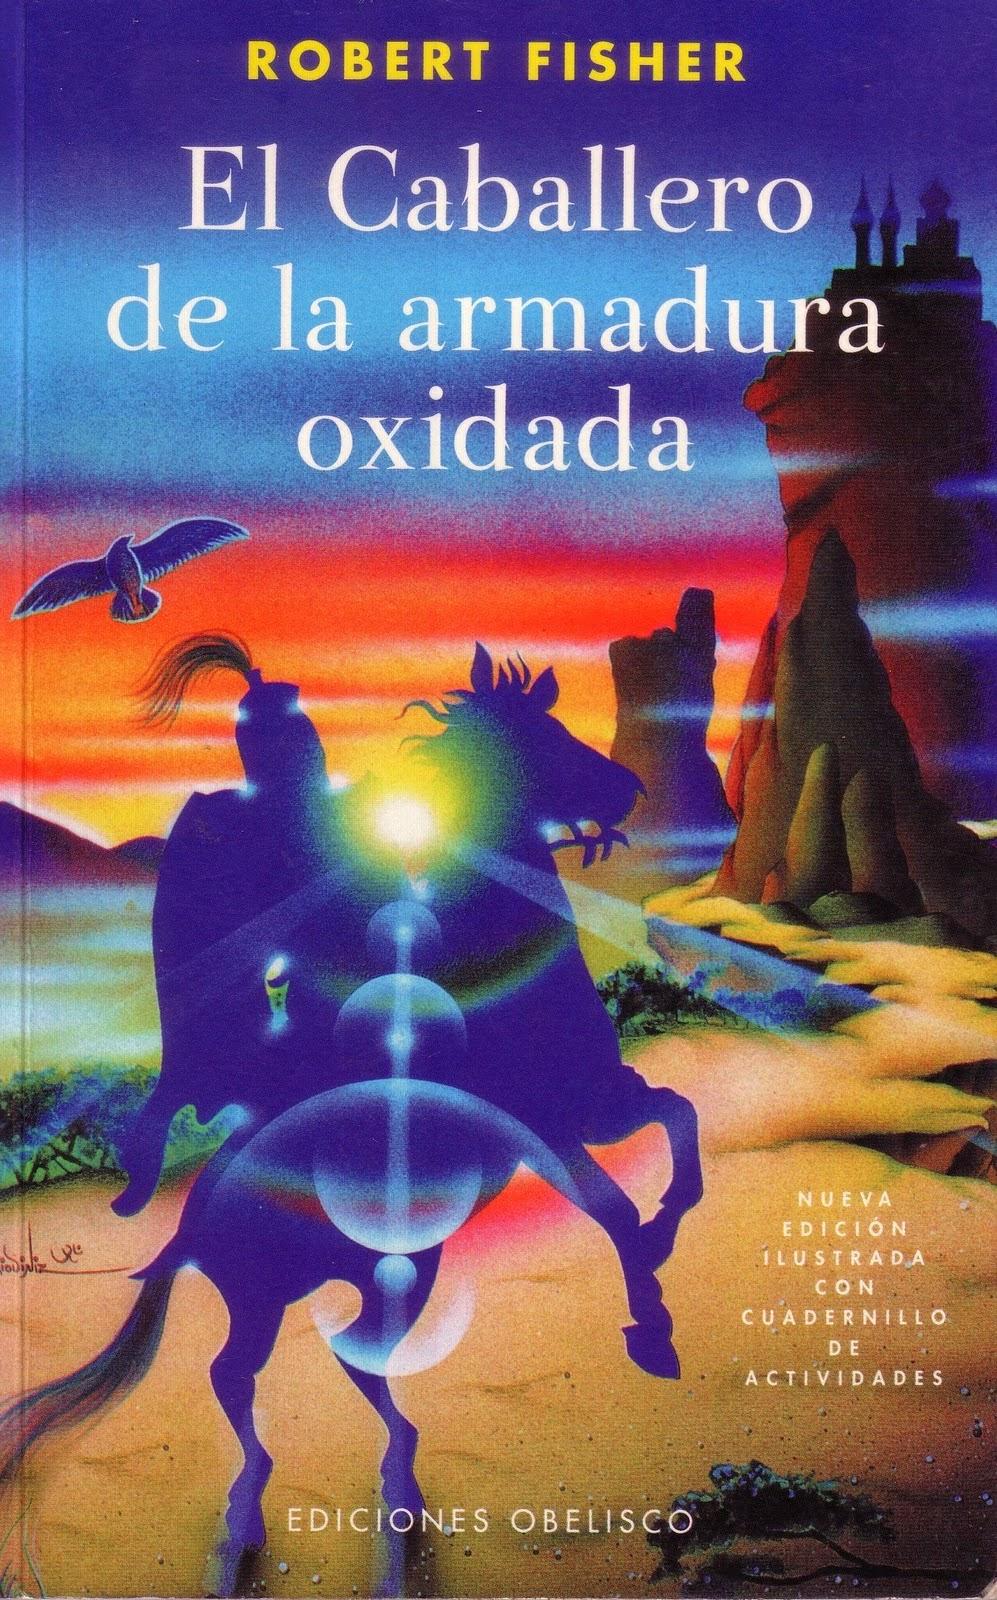 opinaRed: EL CABALLERO DE LA ARMADURA OXIDADA